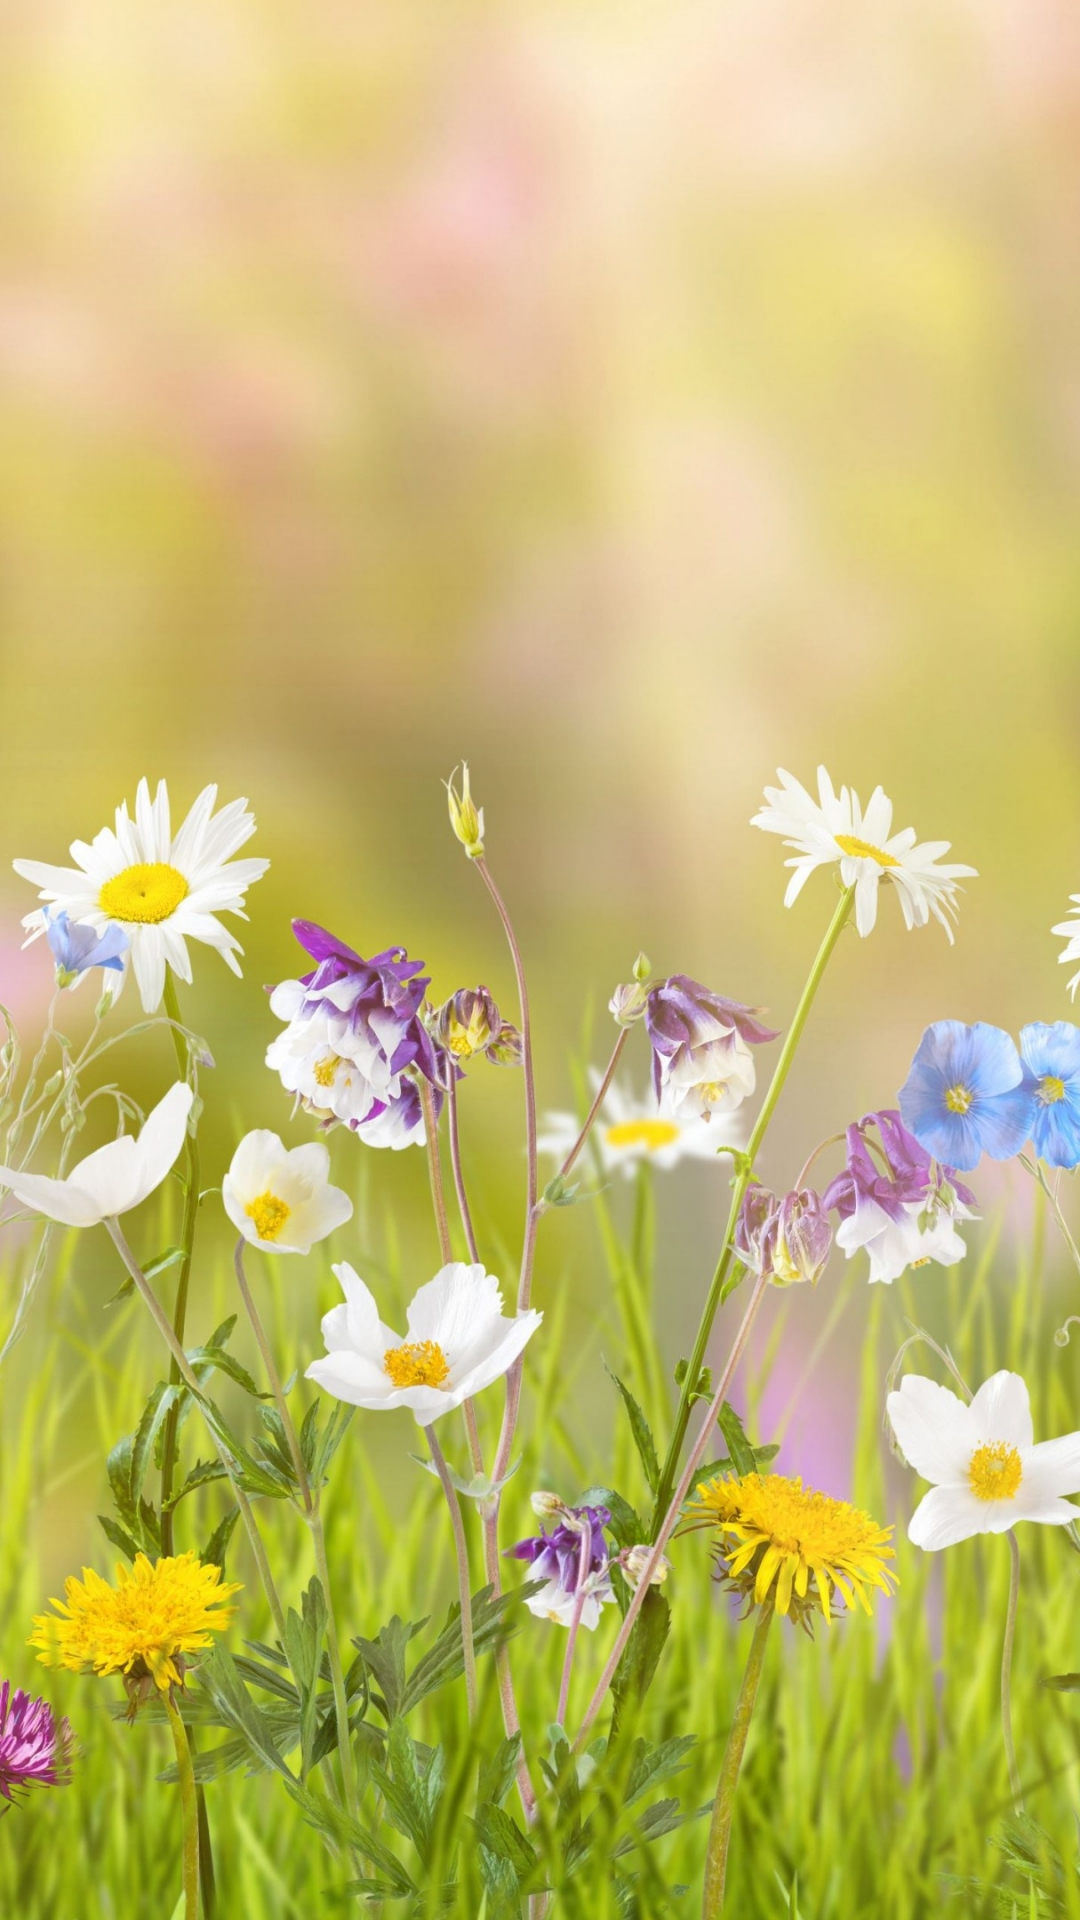 Samsung Flower Wallpaper 1080x1920 Download Hd Wallpaper Wallpapertip